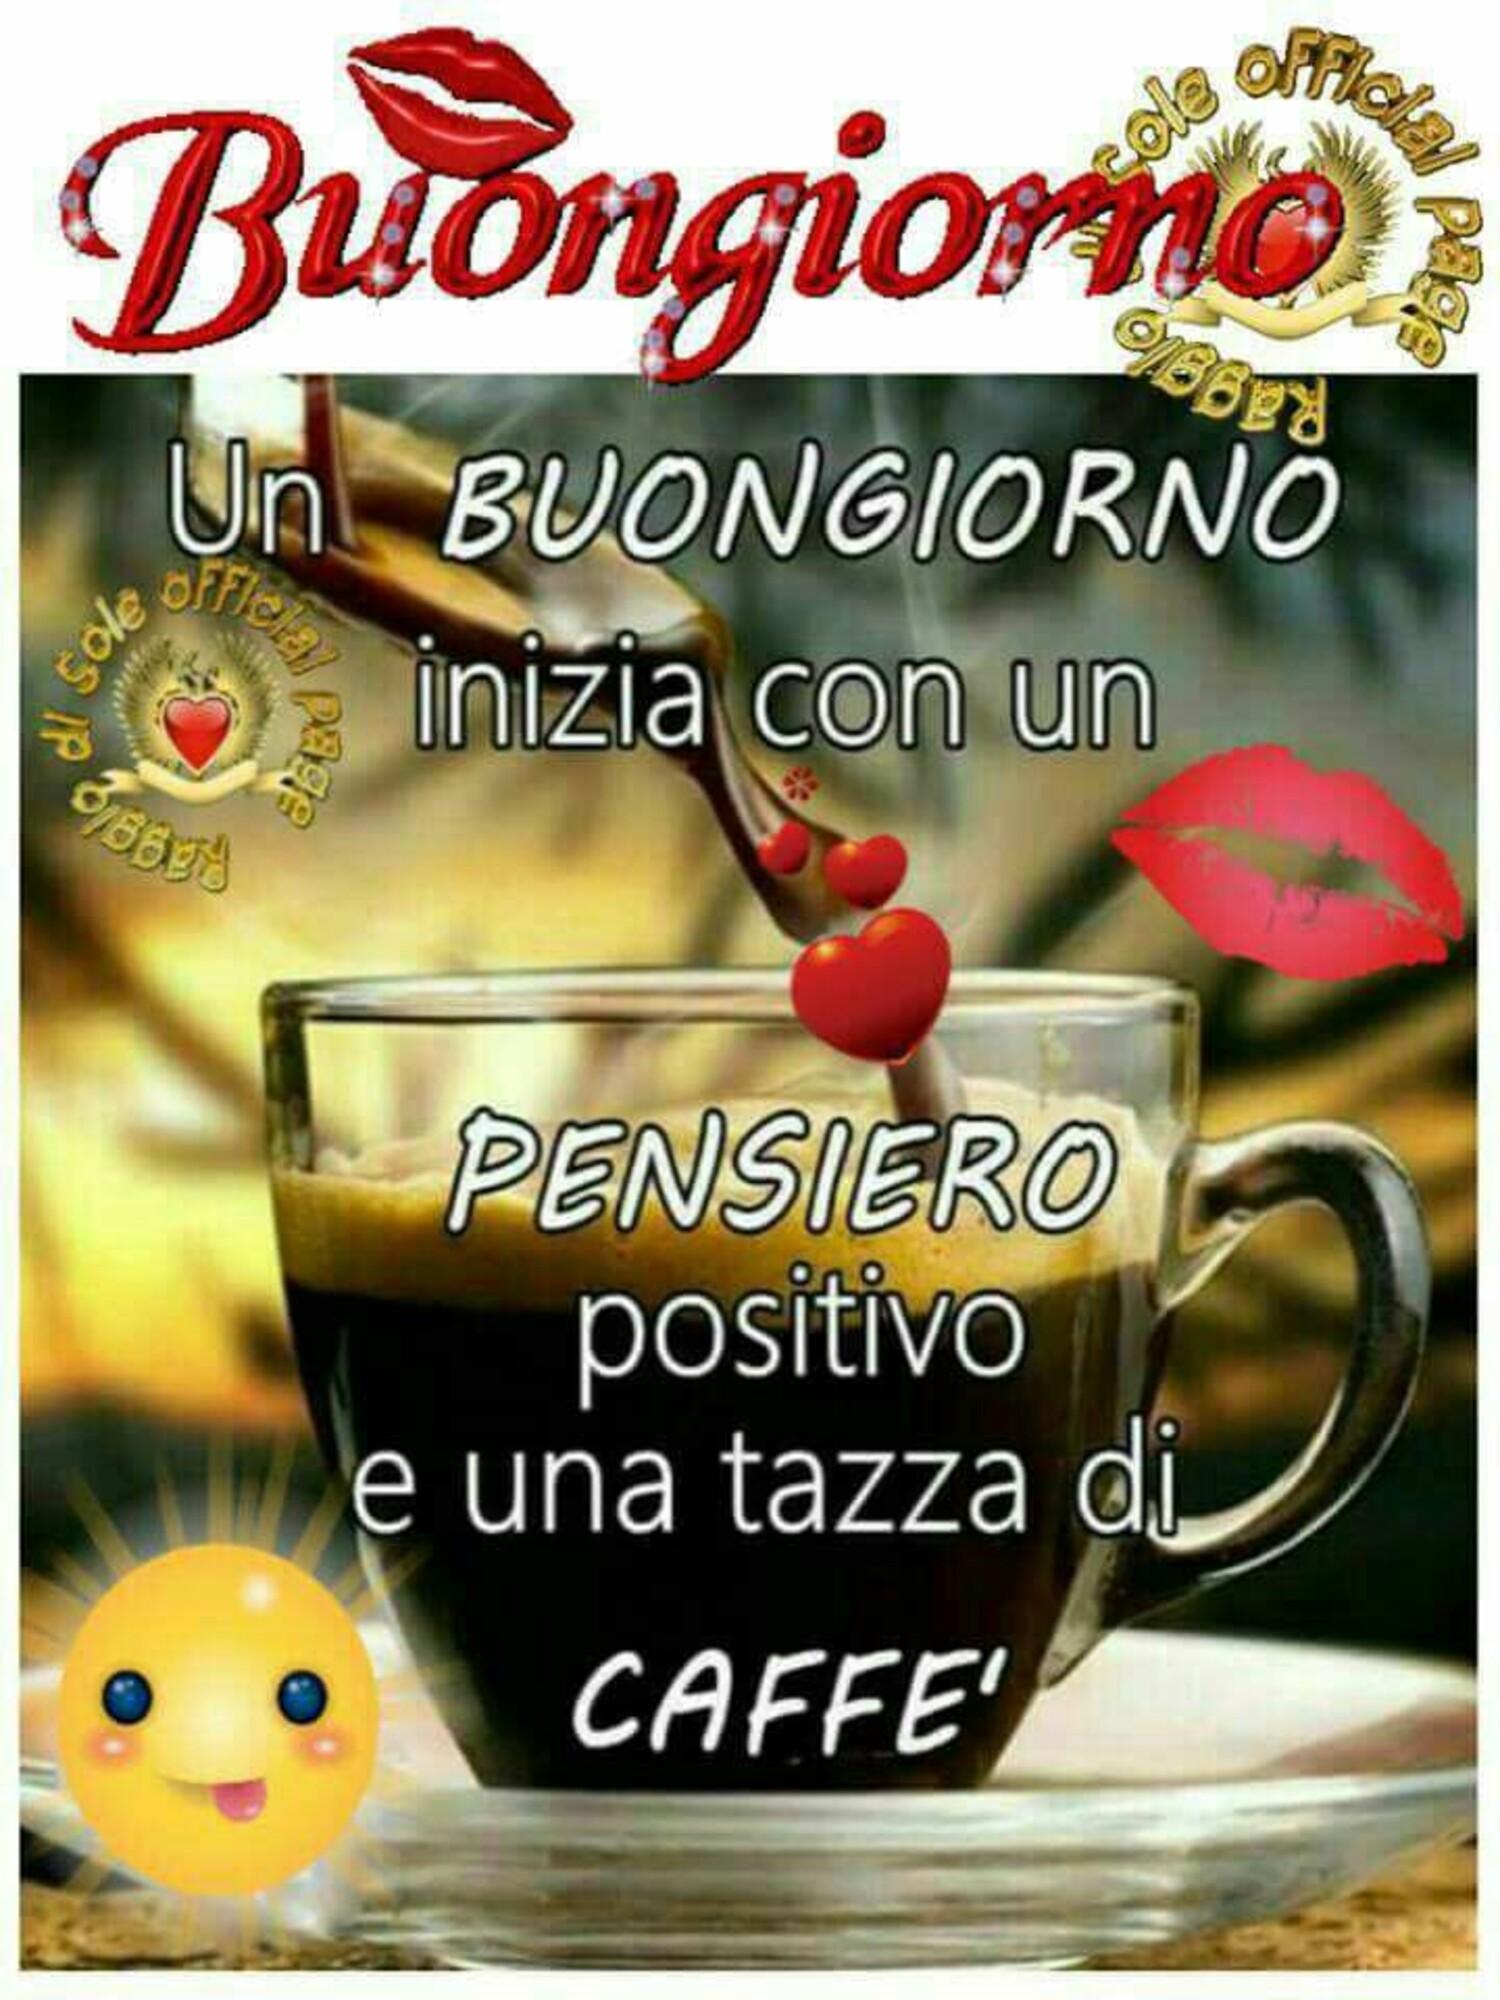 Un Buongiorno inizia con un pensiero positivo ed una tazza di caffè